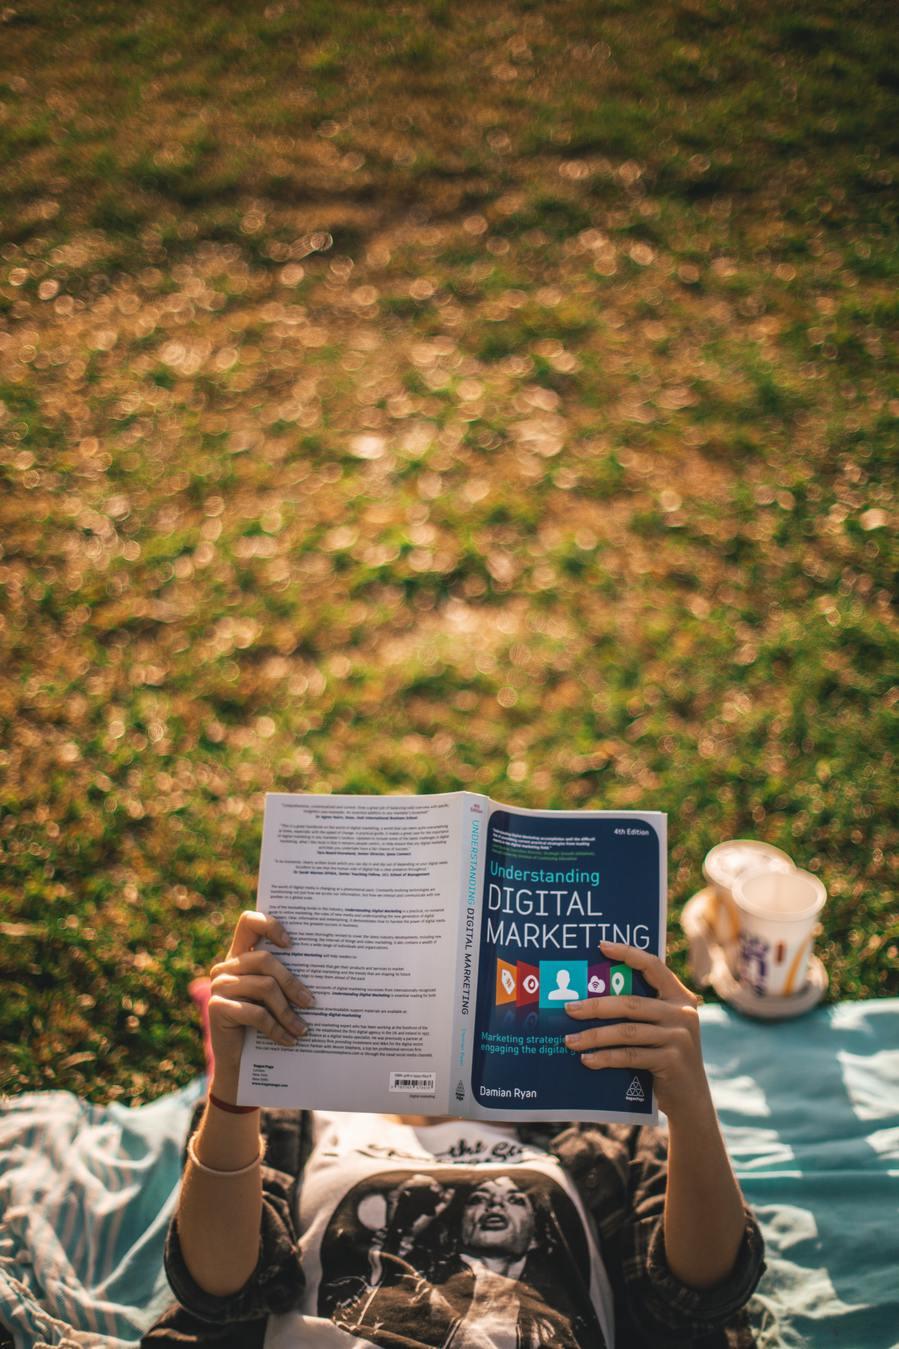 Persoon die buiten een boek over digitale marketing bestudeert